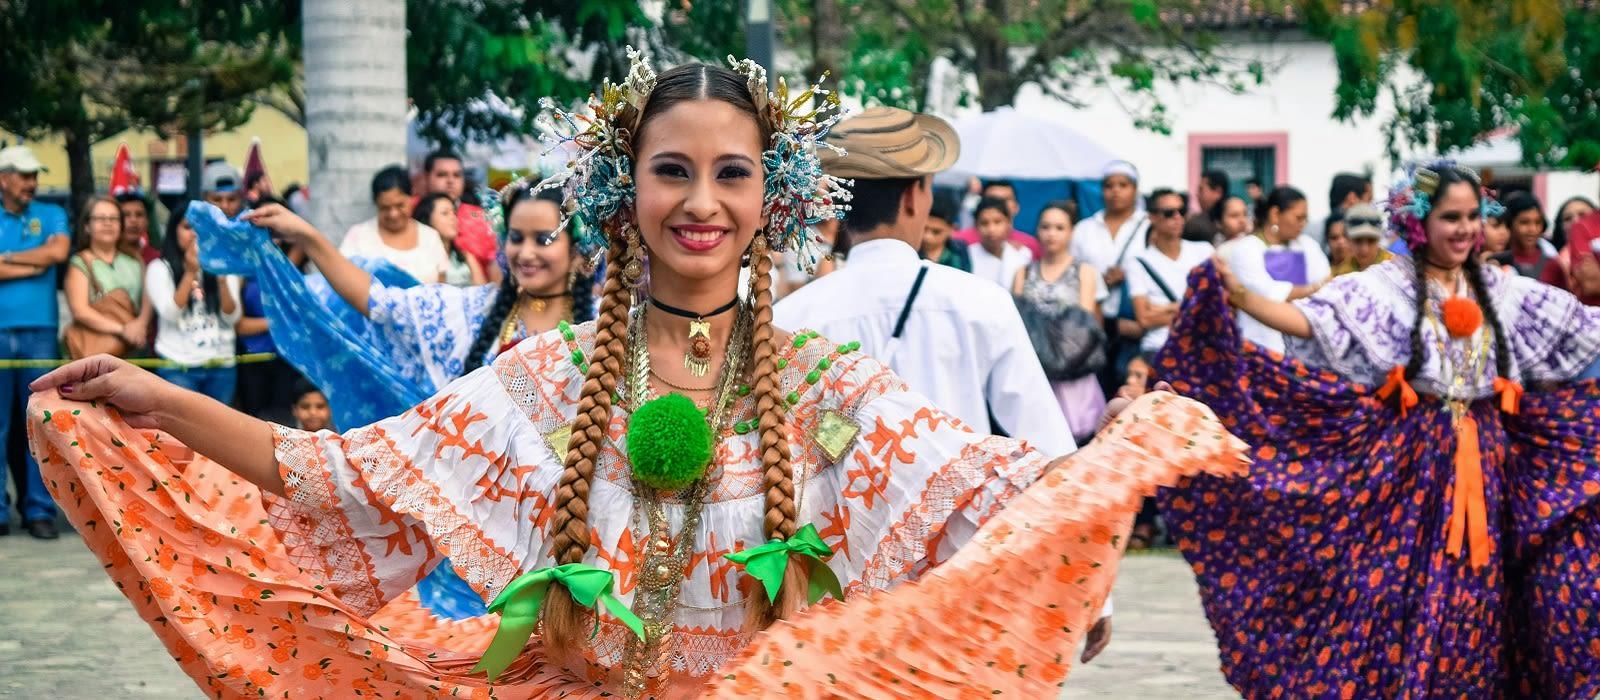 Die Höhepunkte von Guatemala & Costa Rica Urlaub 3